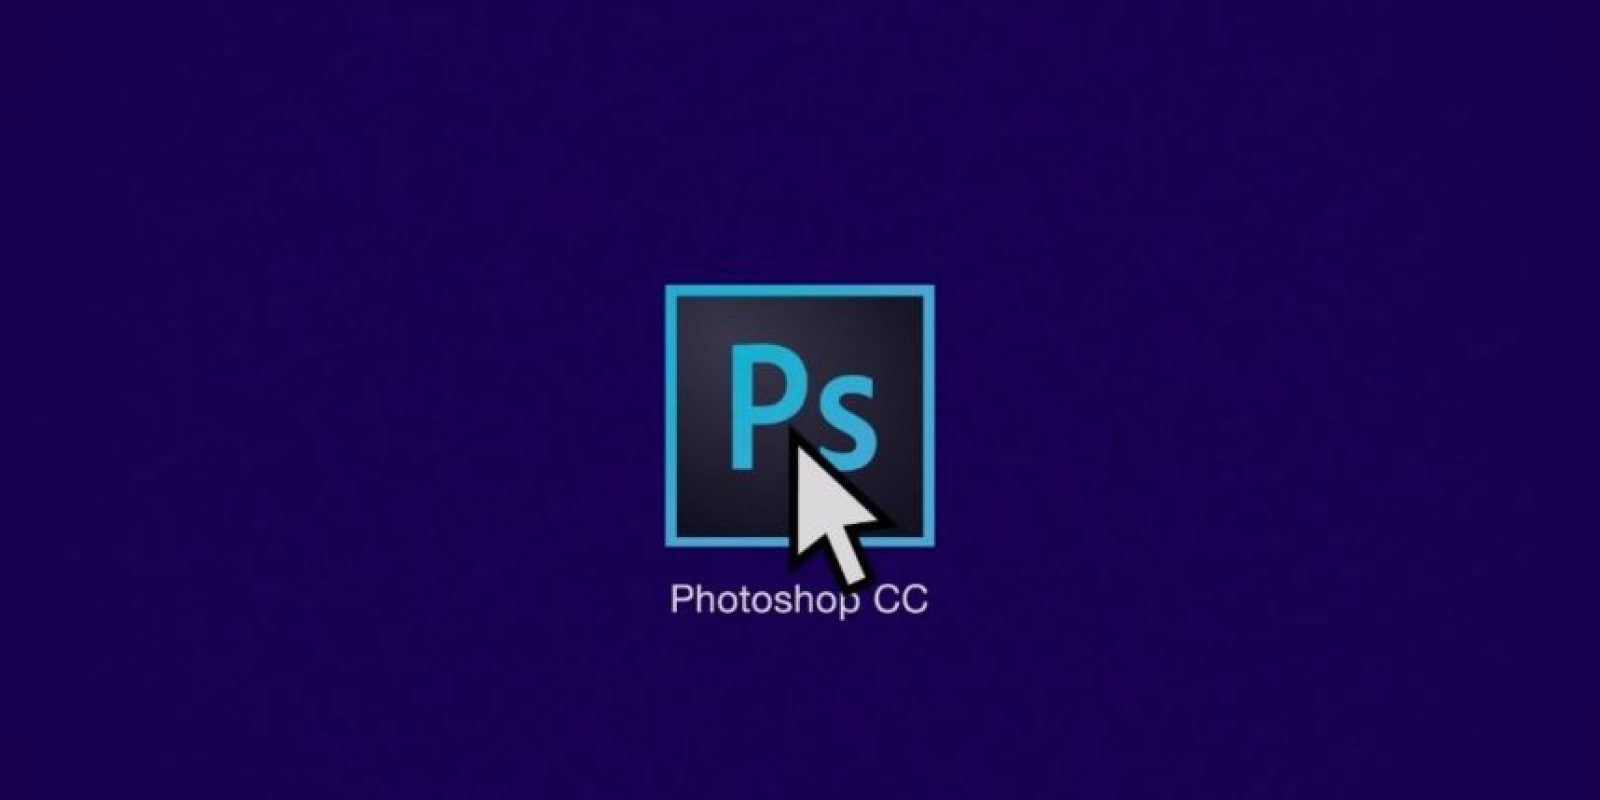 Photoshop es el editor de imágenes más importante de la actualidad. Foto:Adobe